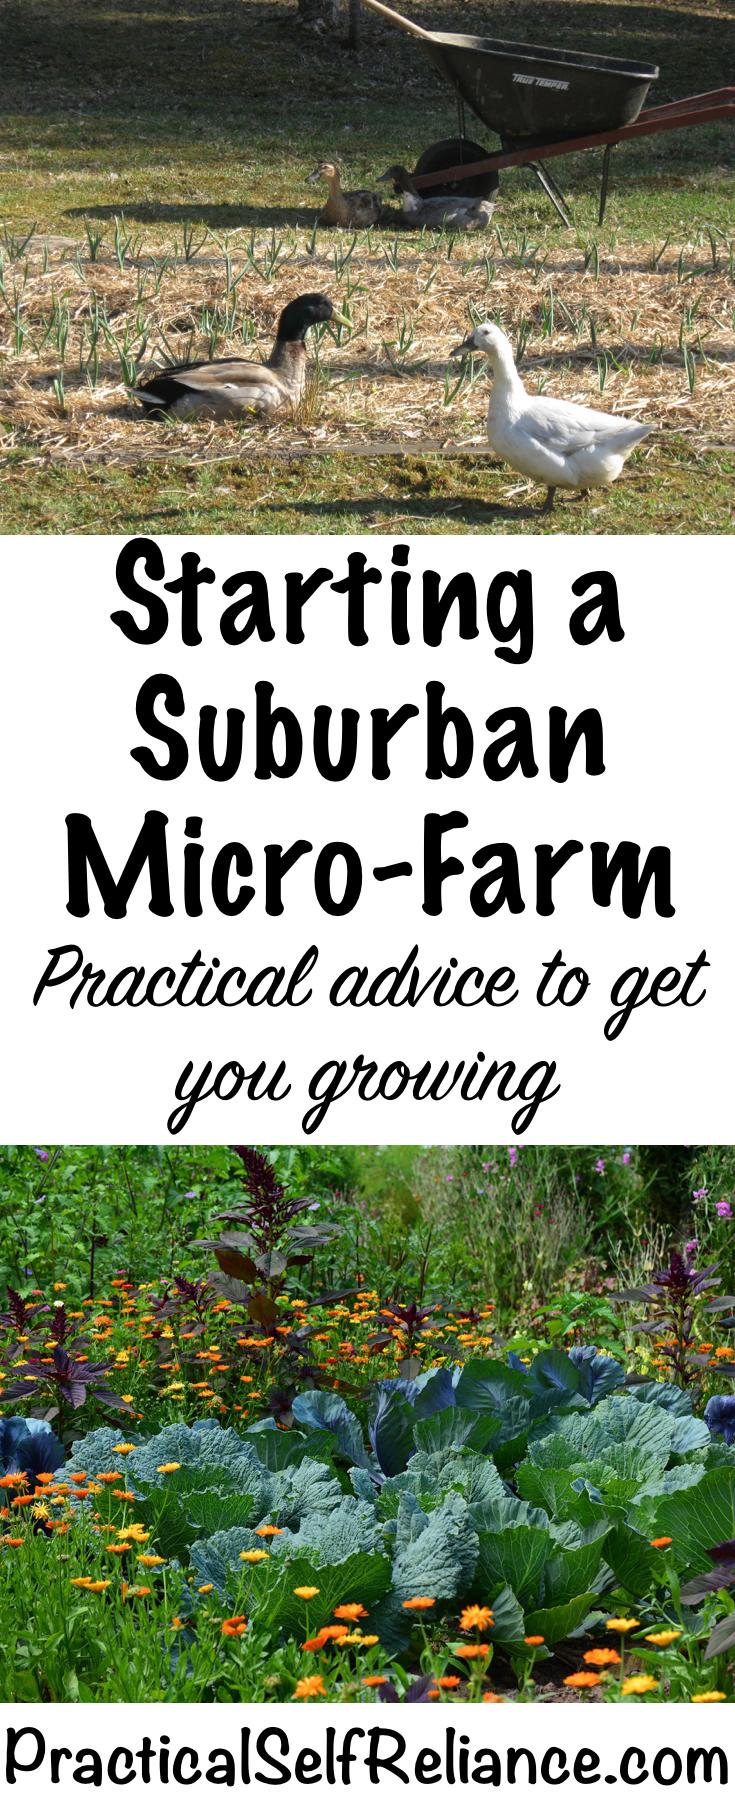 Practical Advice for Starting a Suburban Micro-Farm #gardening #organicgardening #foodgardening #howtogrow #vegetablegardening #gardeningtips #homesteading #urbanfarm #urbanfarming